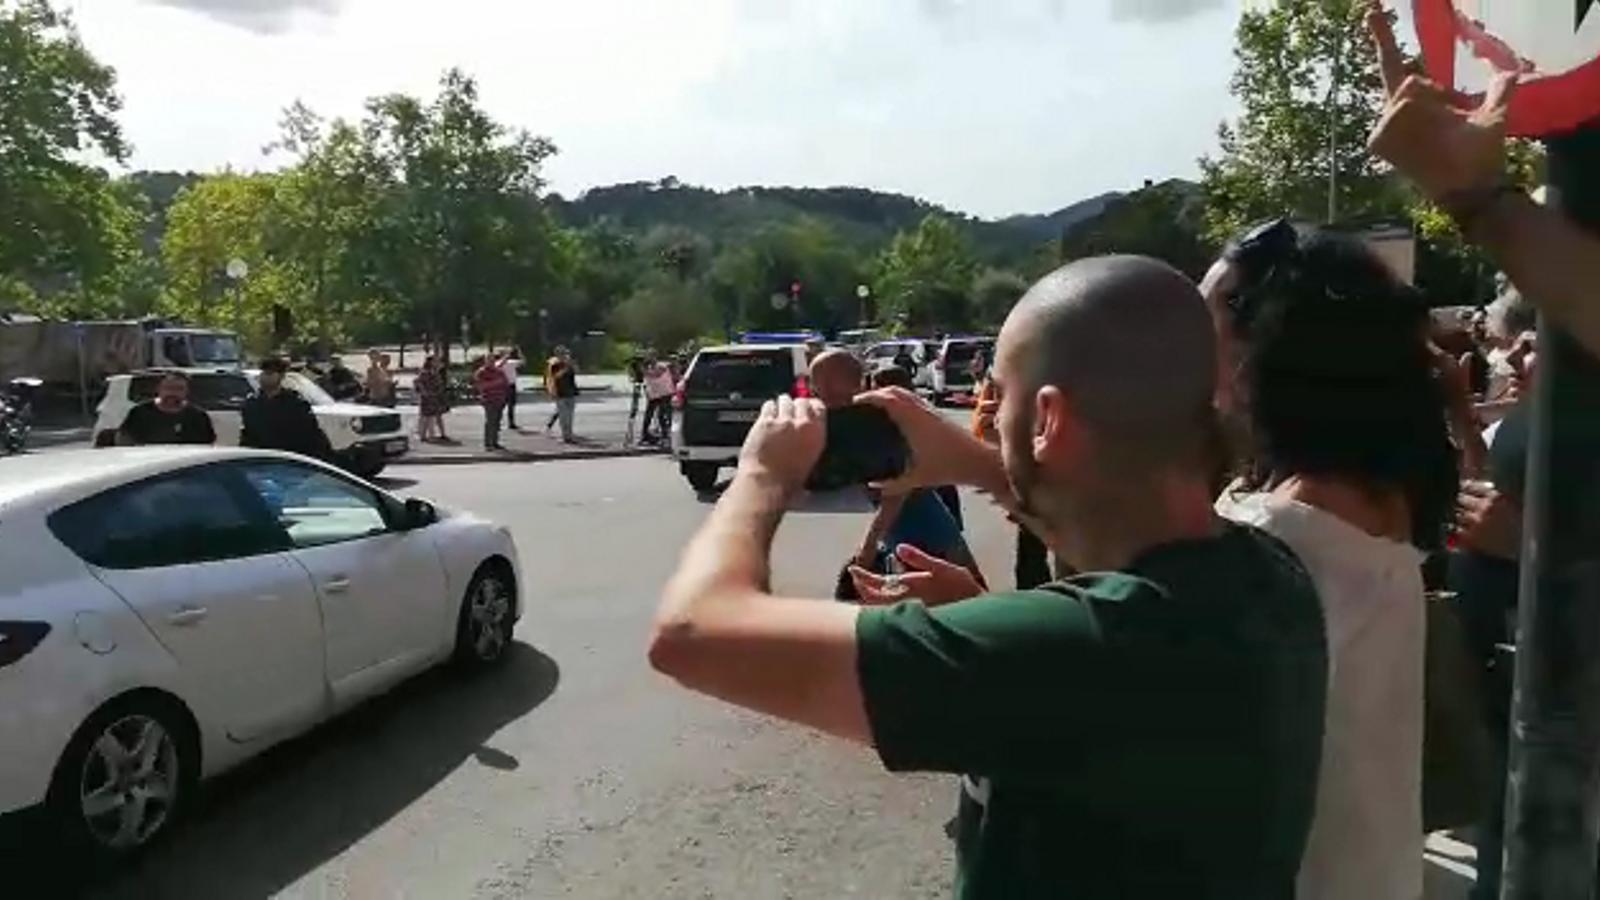 Escridassen la Guàrdia Civil, que marxa de Cerdanyola amb un detingut